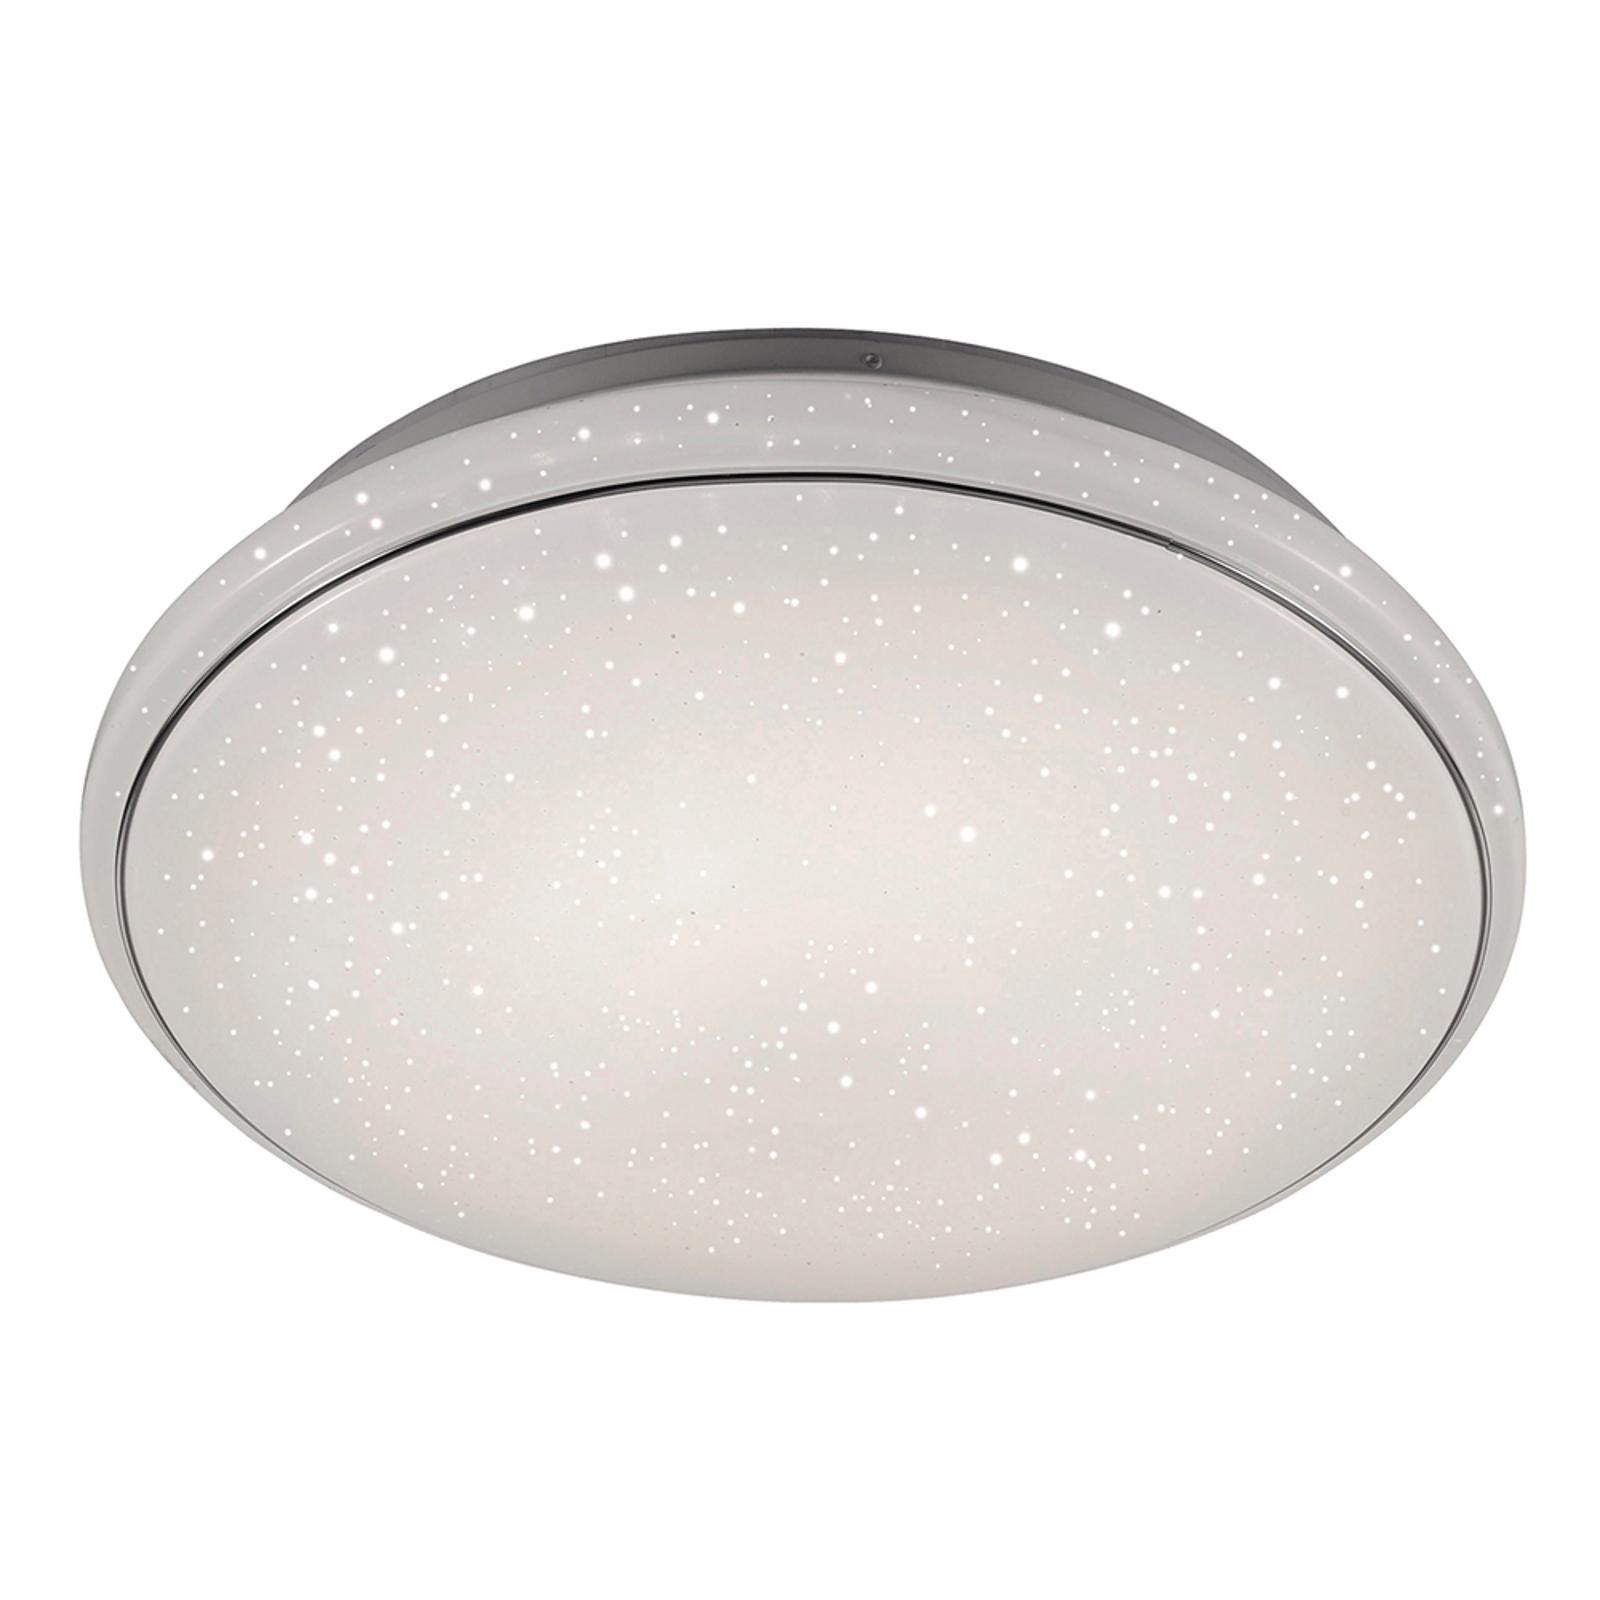 Jupiter LED-Deckenleuchte Sternenhimmeloptik 60 cm